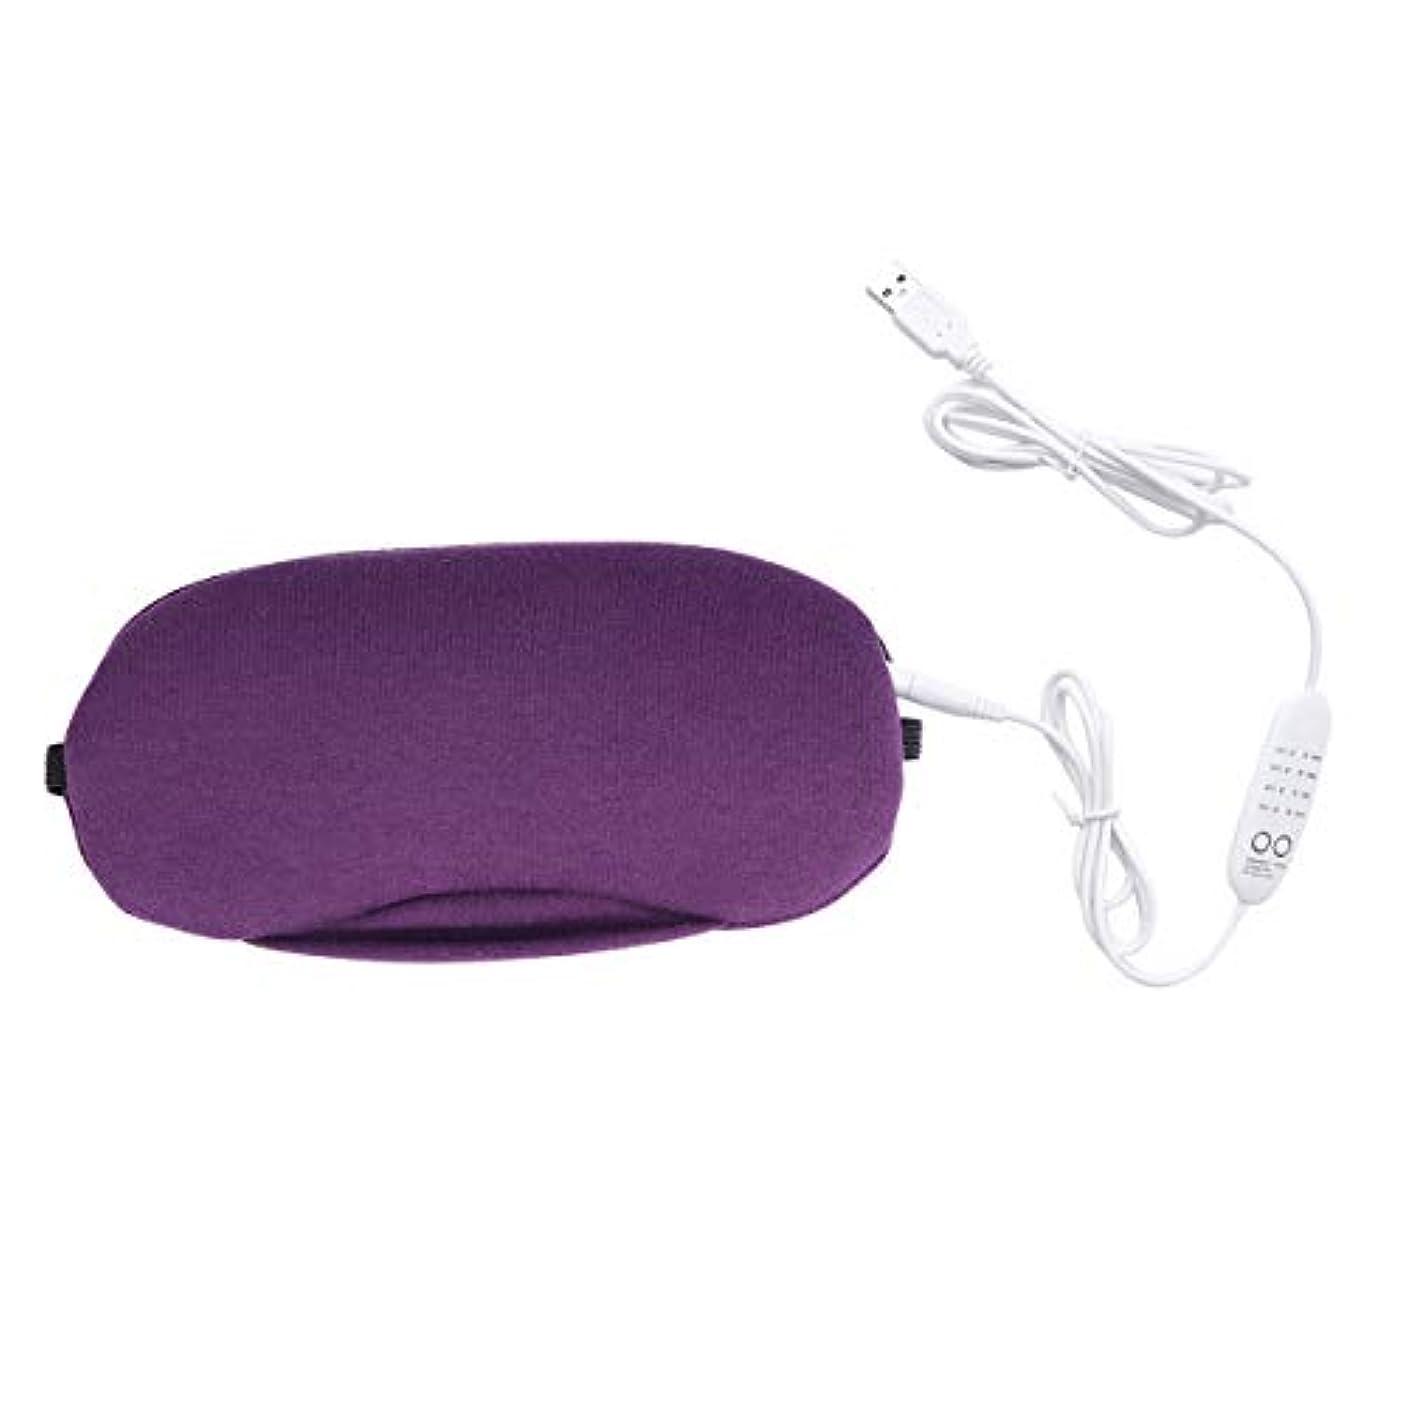 幻想バンカー平らにする不眠症を和らげるためのHealifty USBスチームアイマスク目隠しホットコンプレッションアイシールドドライアイ疲労(紫色)